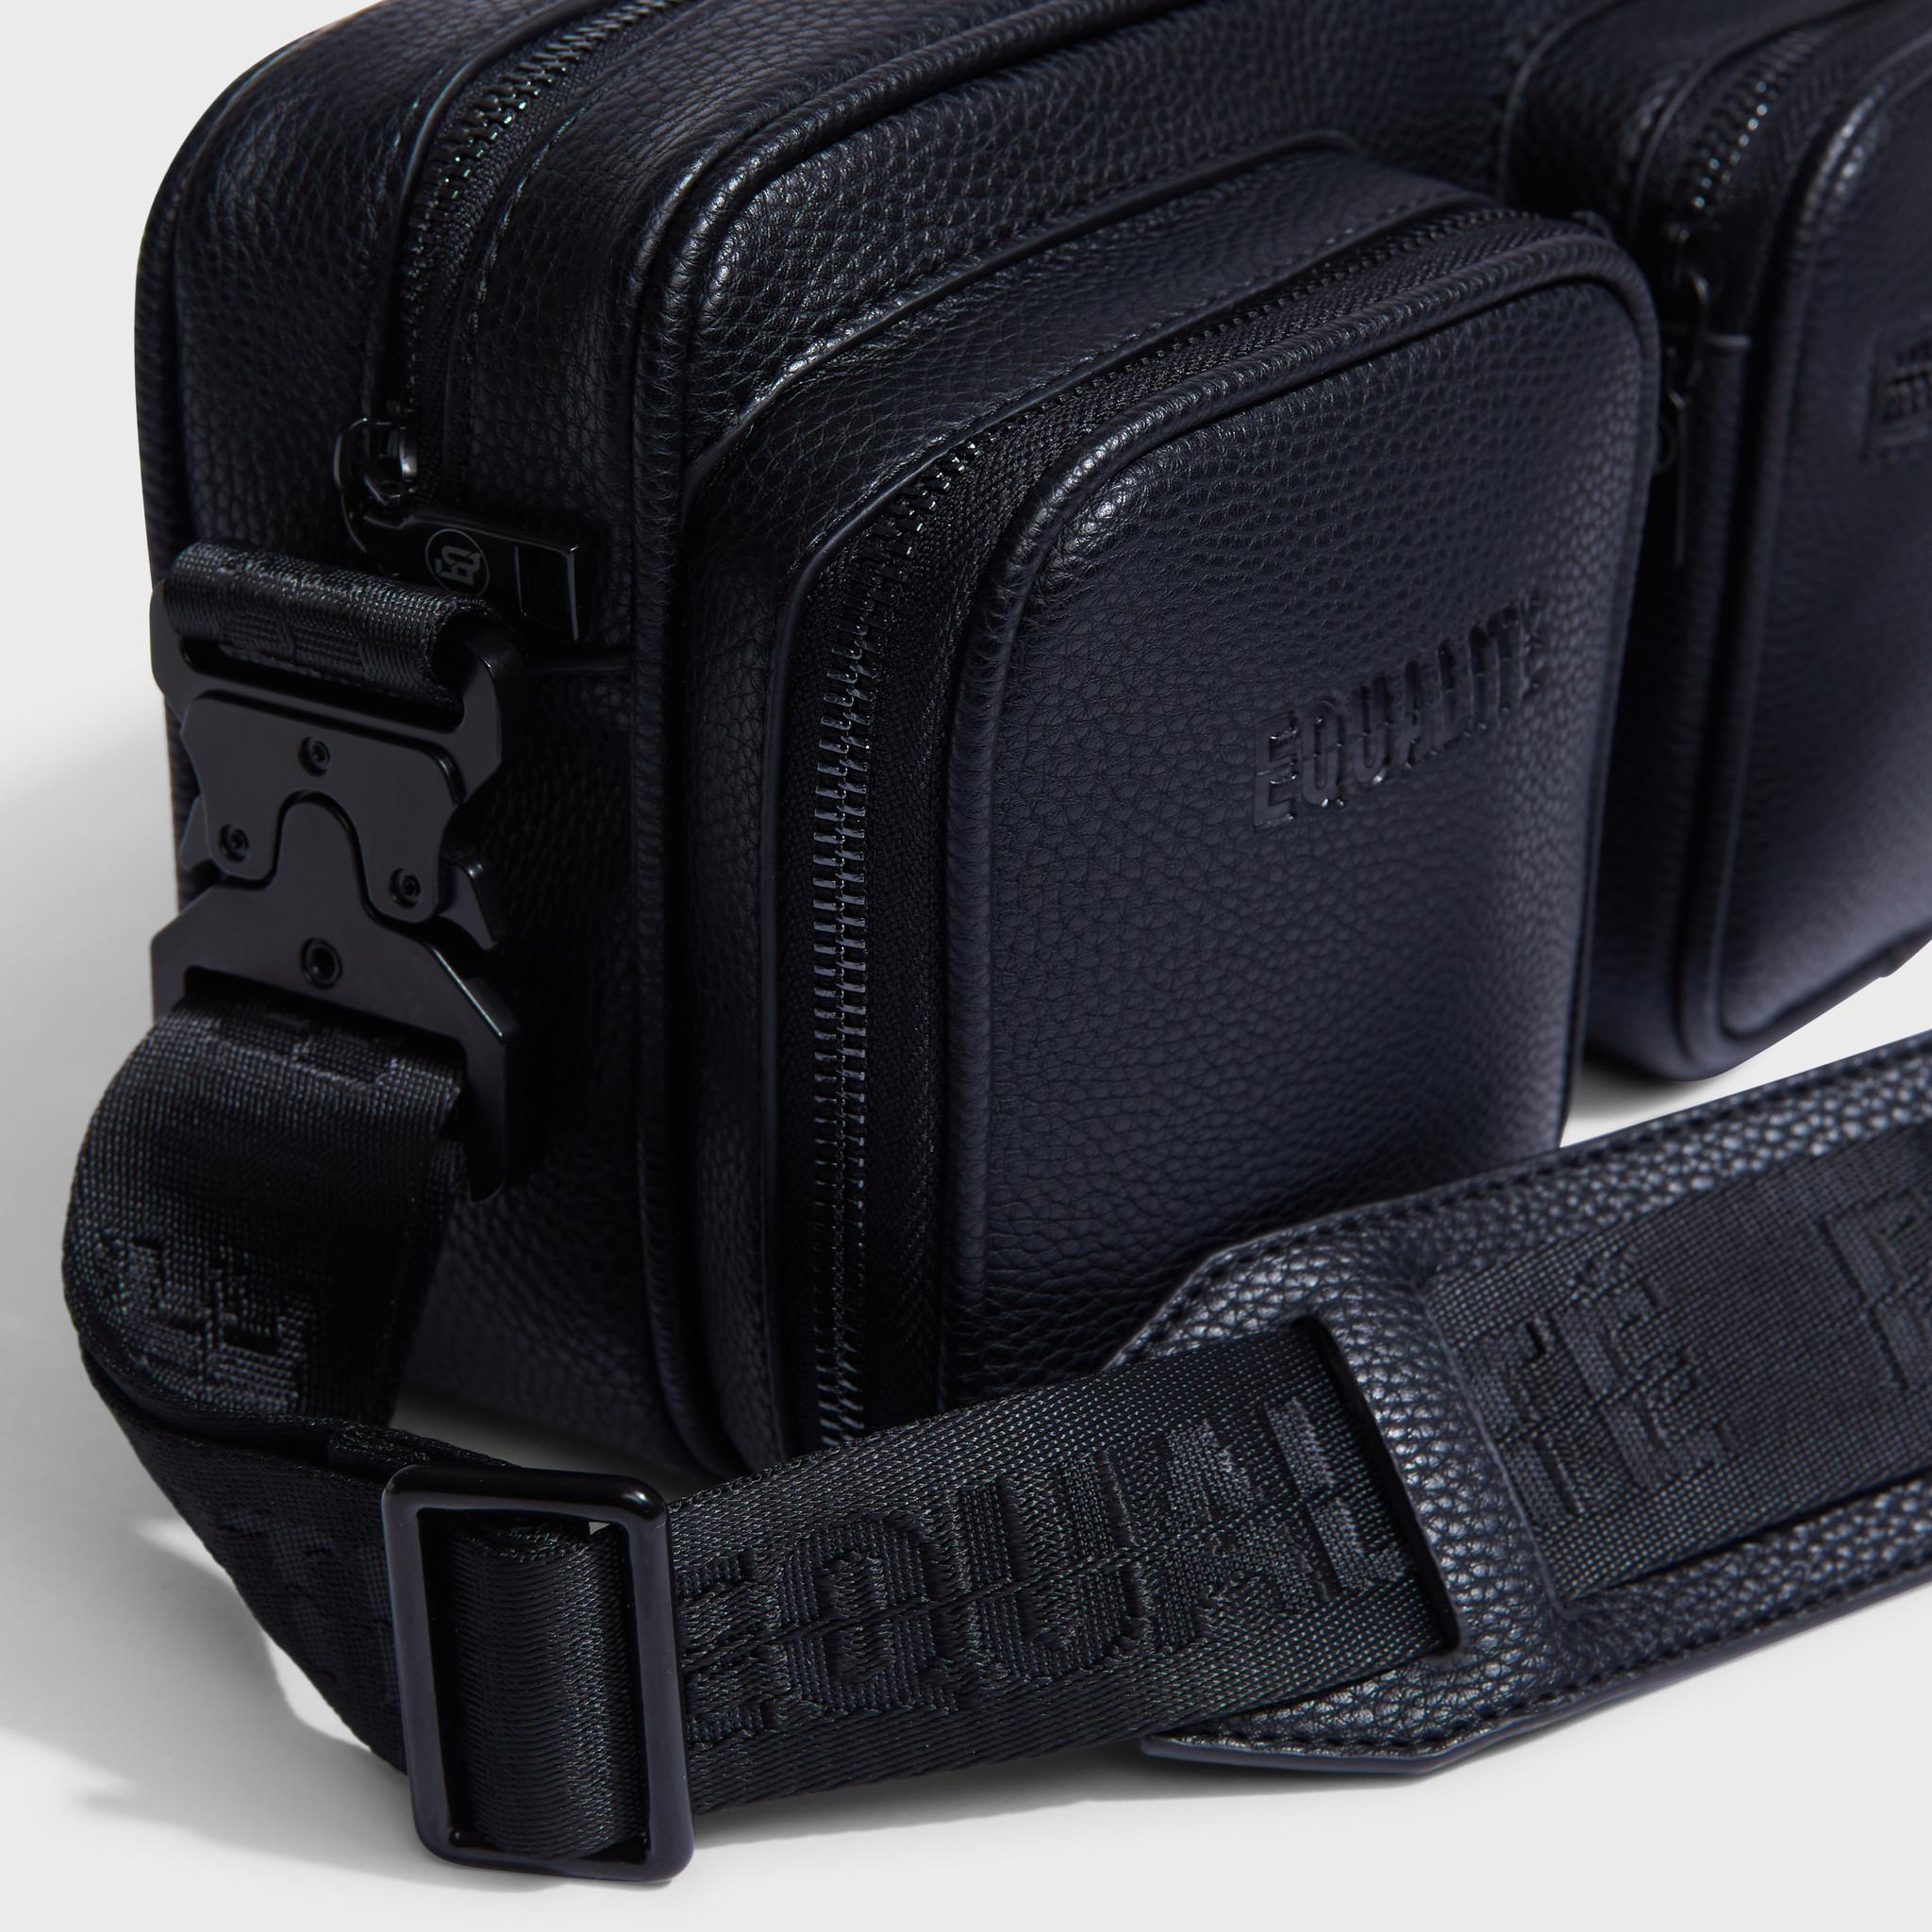 Pocket messengerbag black-5